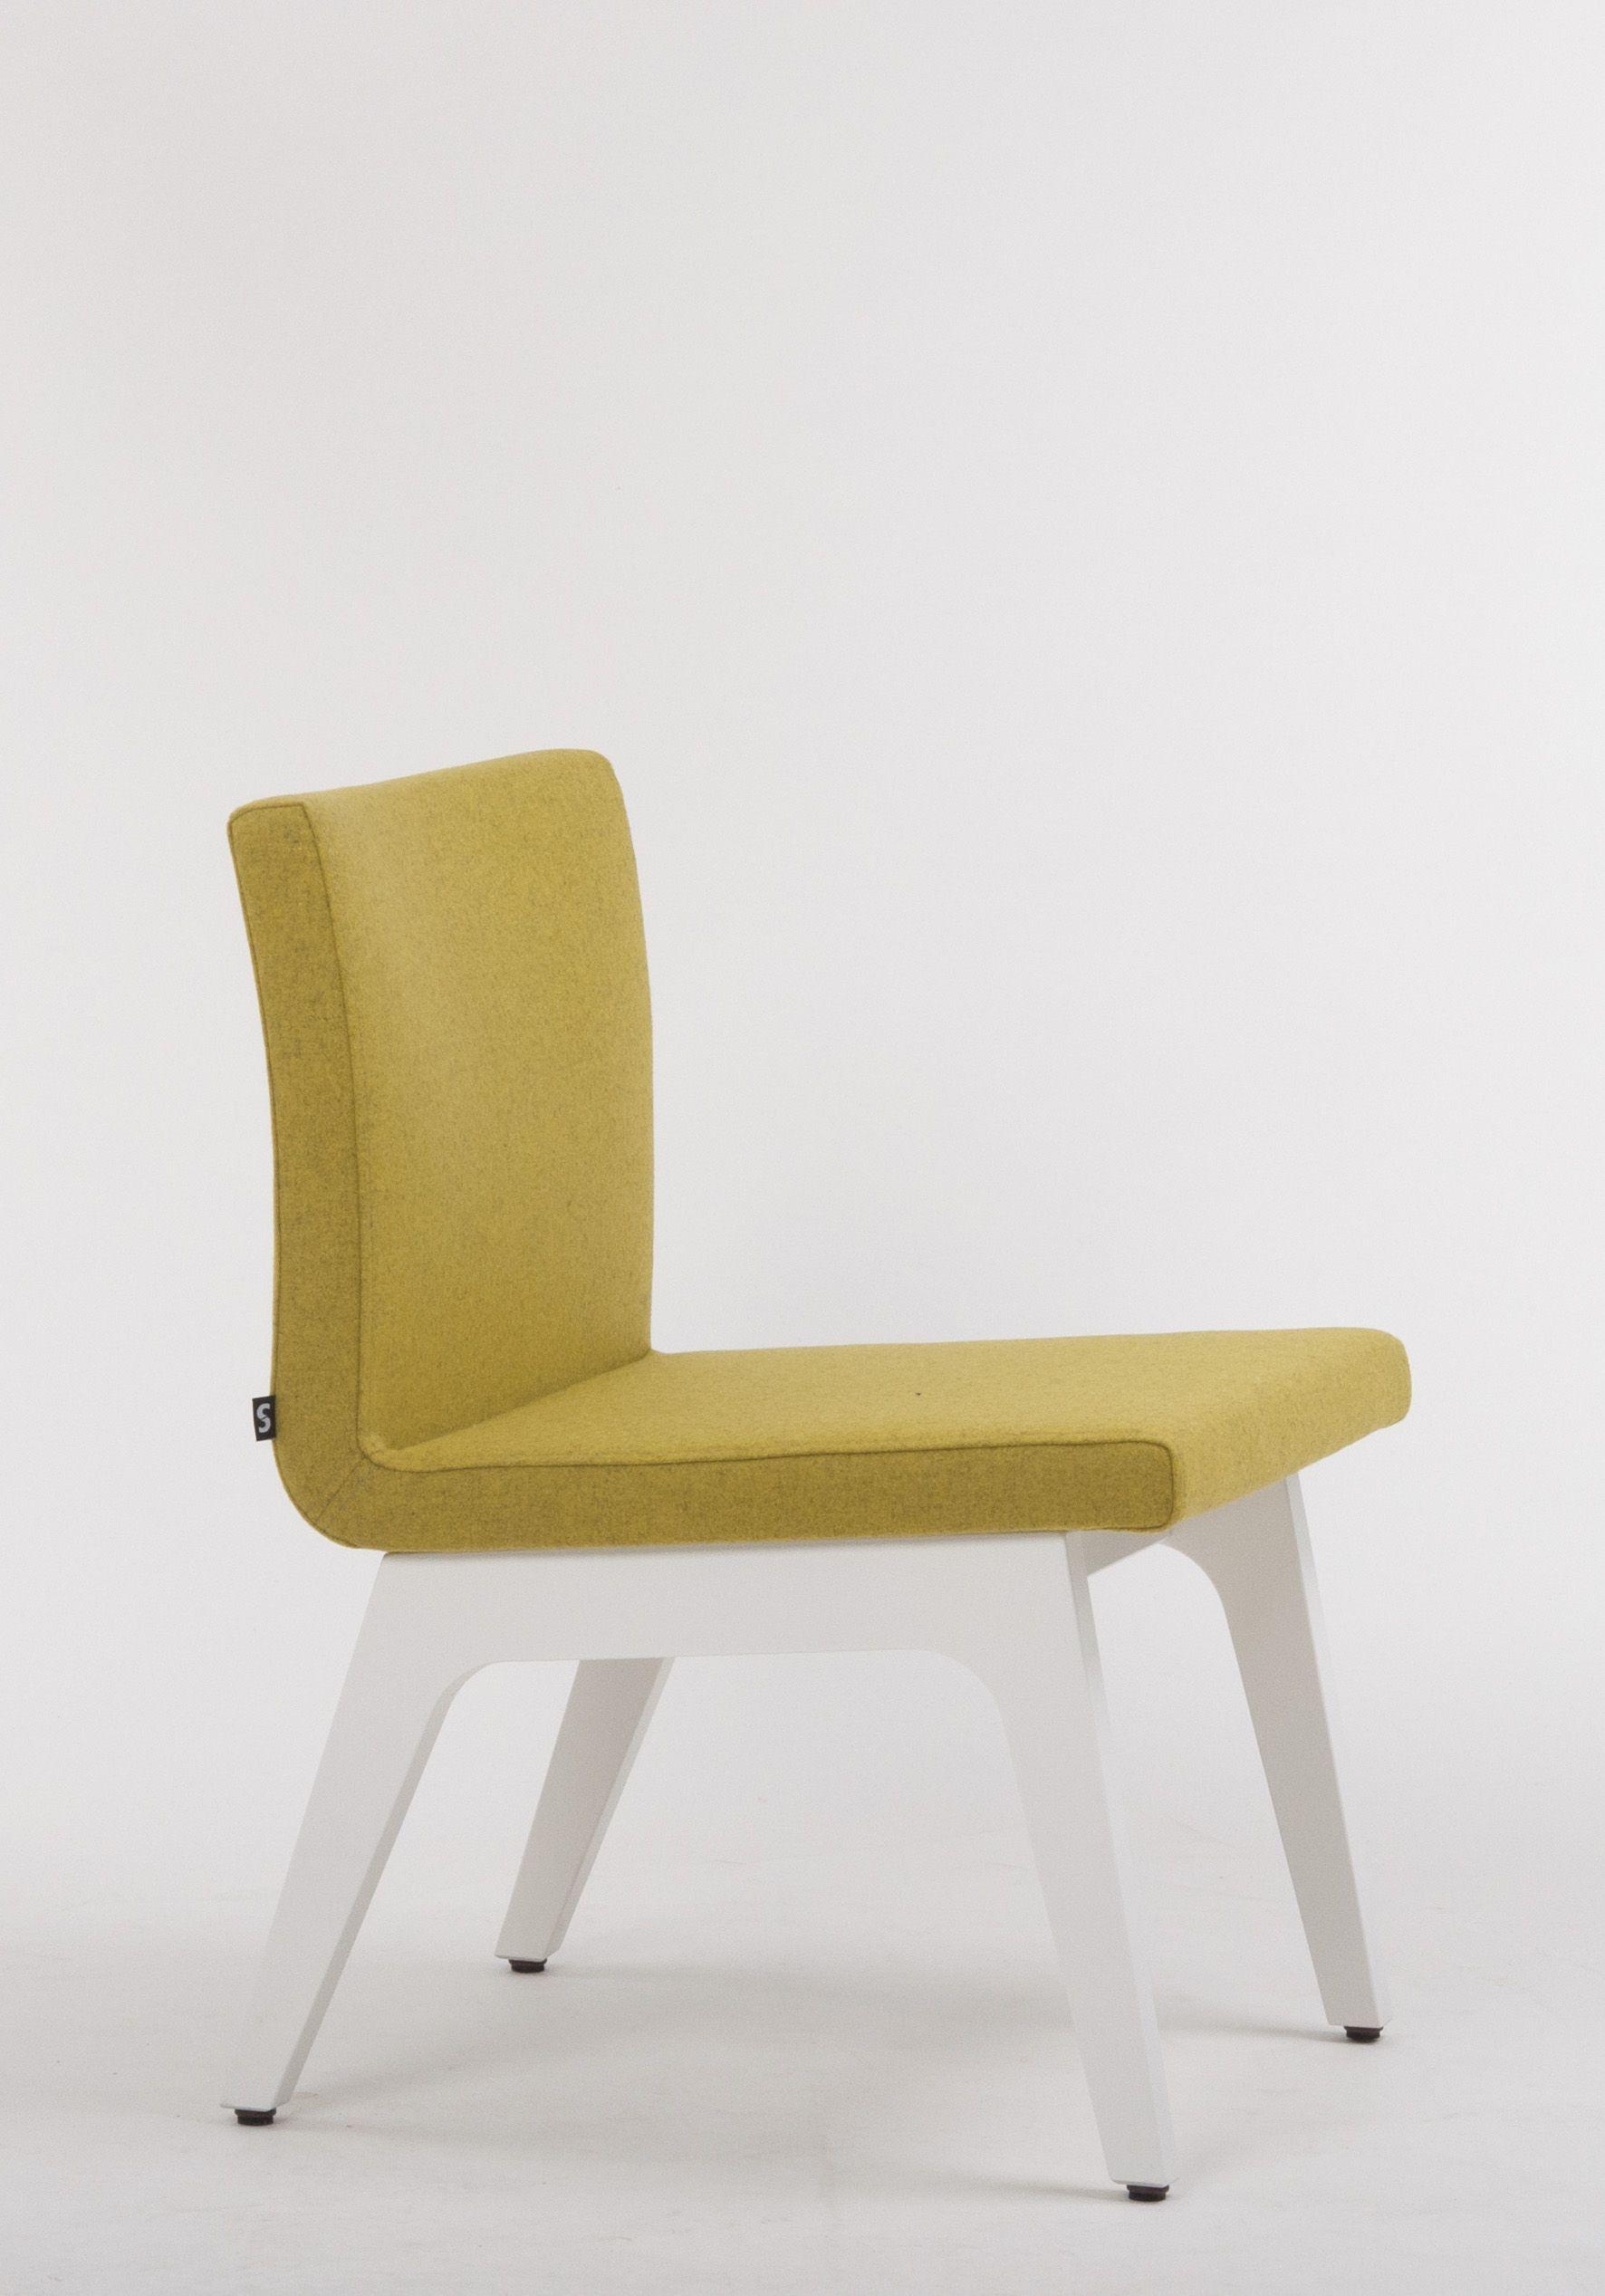 gastronomie mobel bestuhlung lounge mobel sessel sitzen html